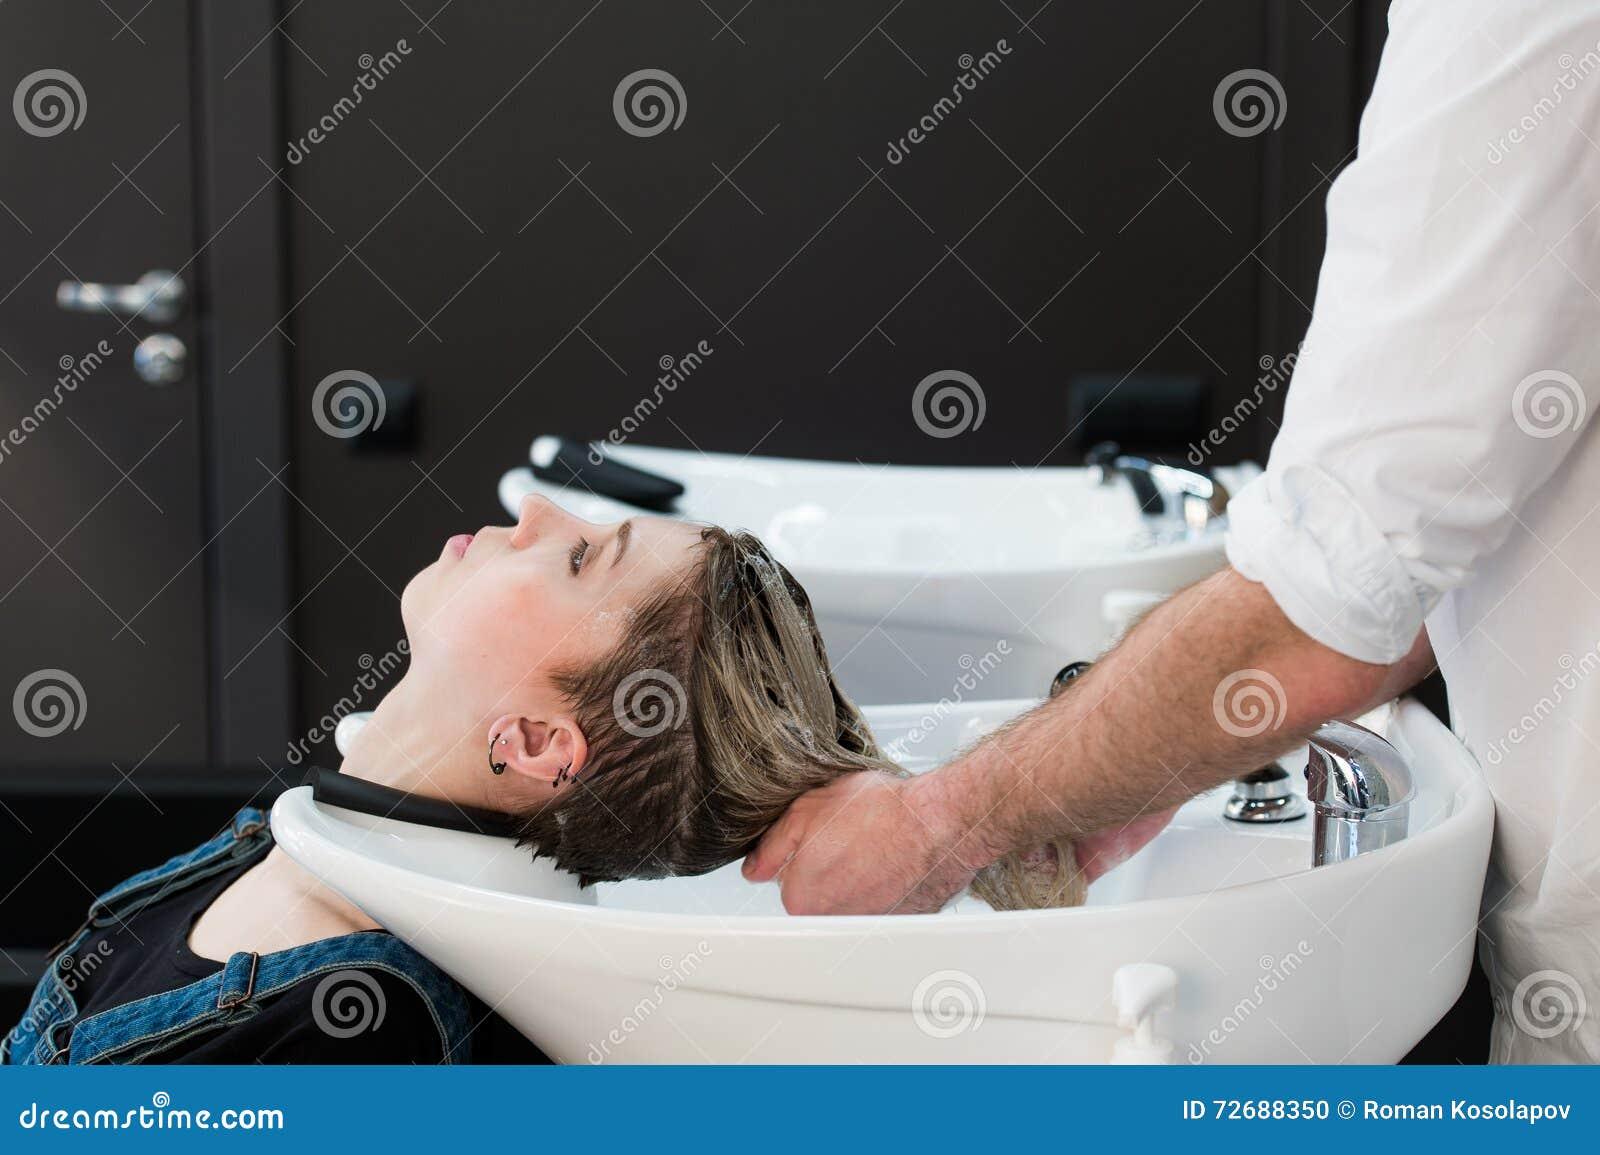 ragazze adolescenti che giocano con i rubinetti